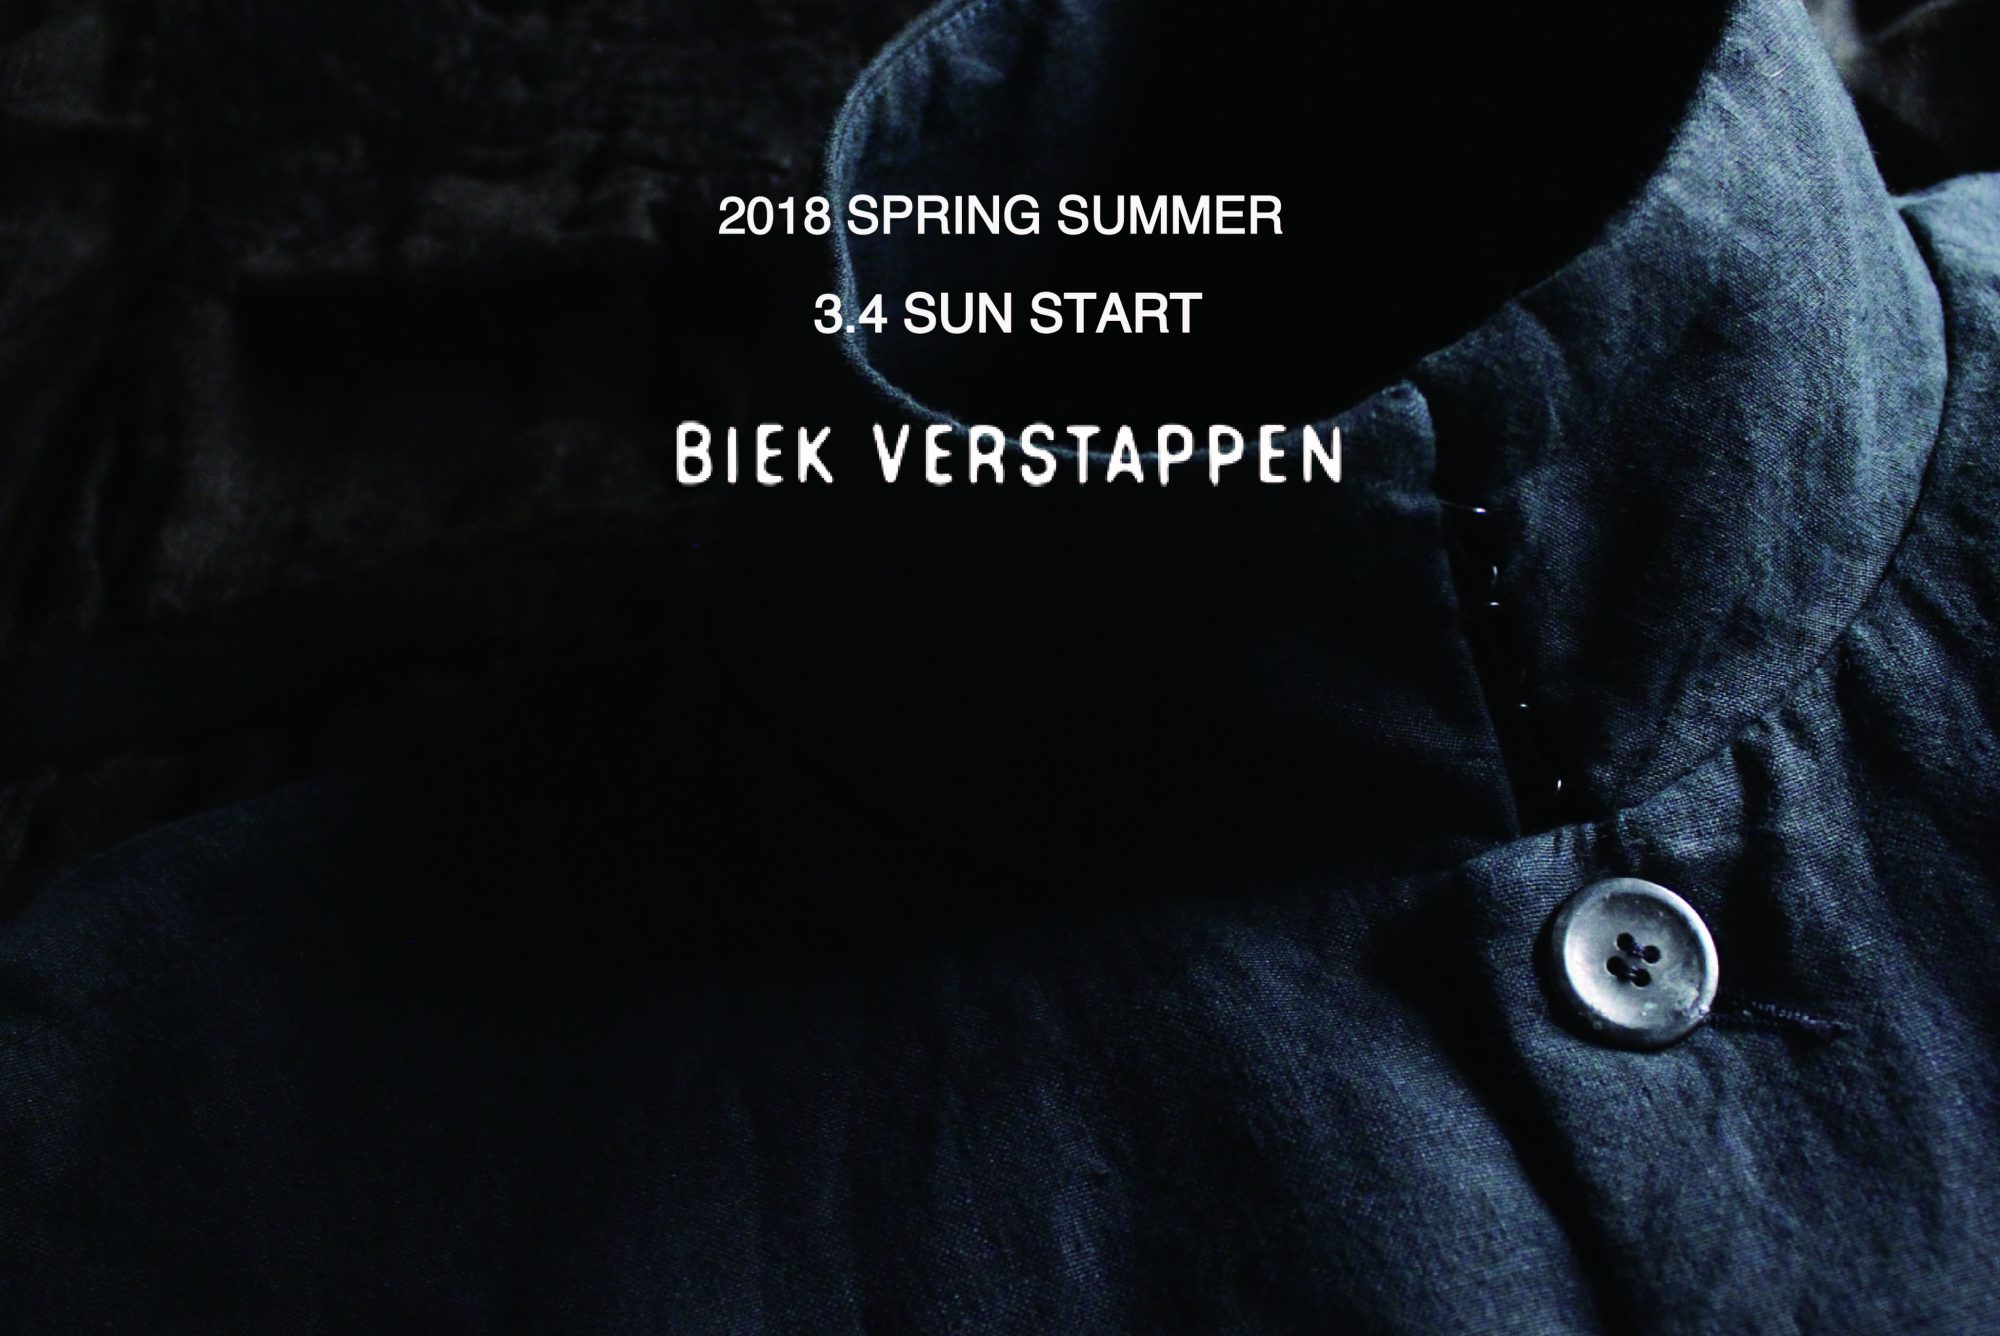 BIEK VERSTAPPEN 18SS 3.4(sun) START!!